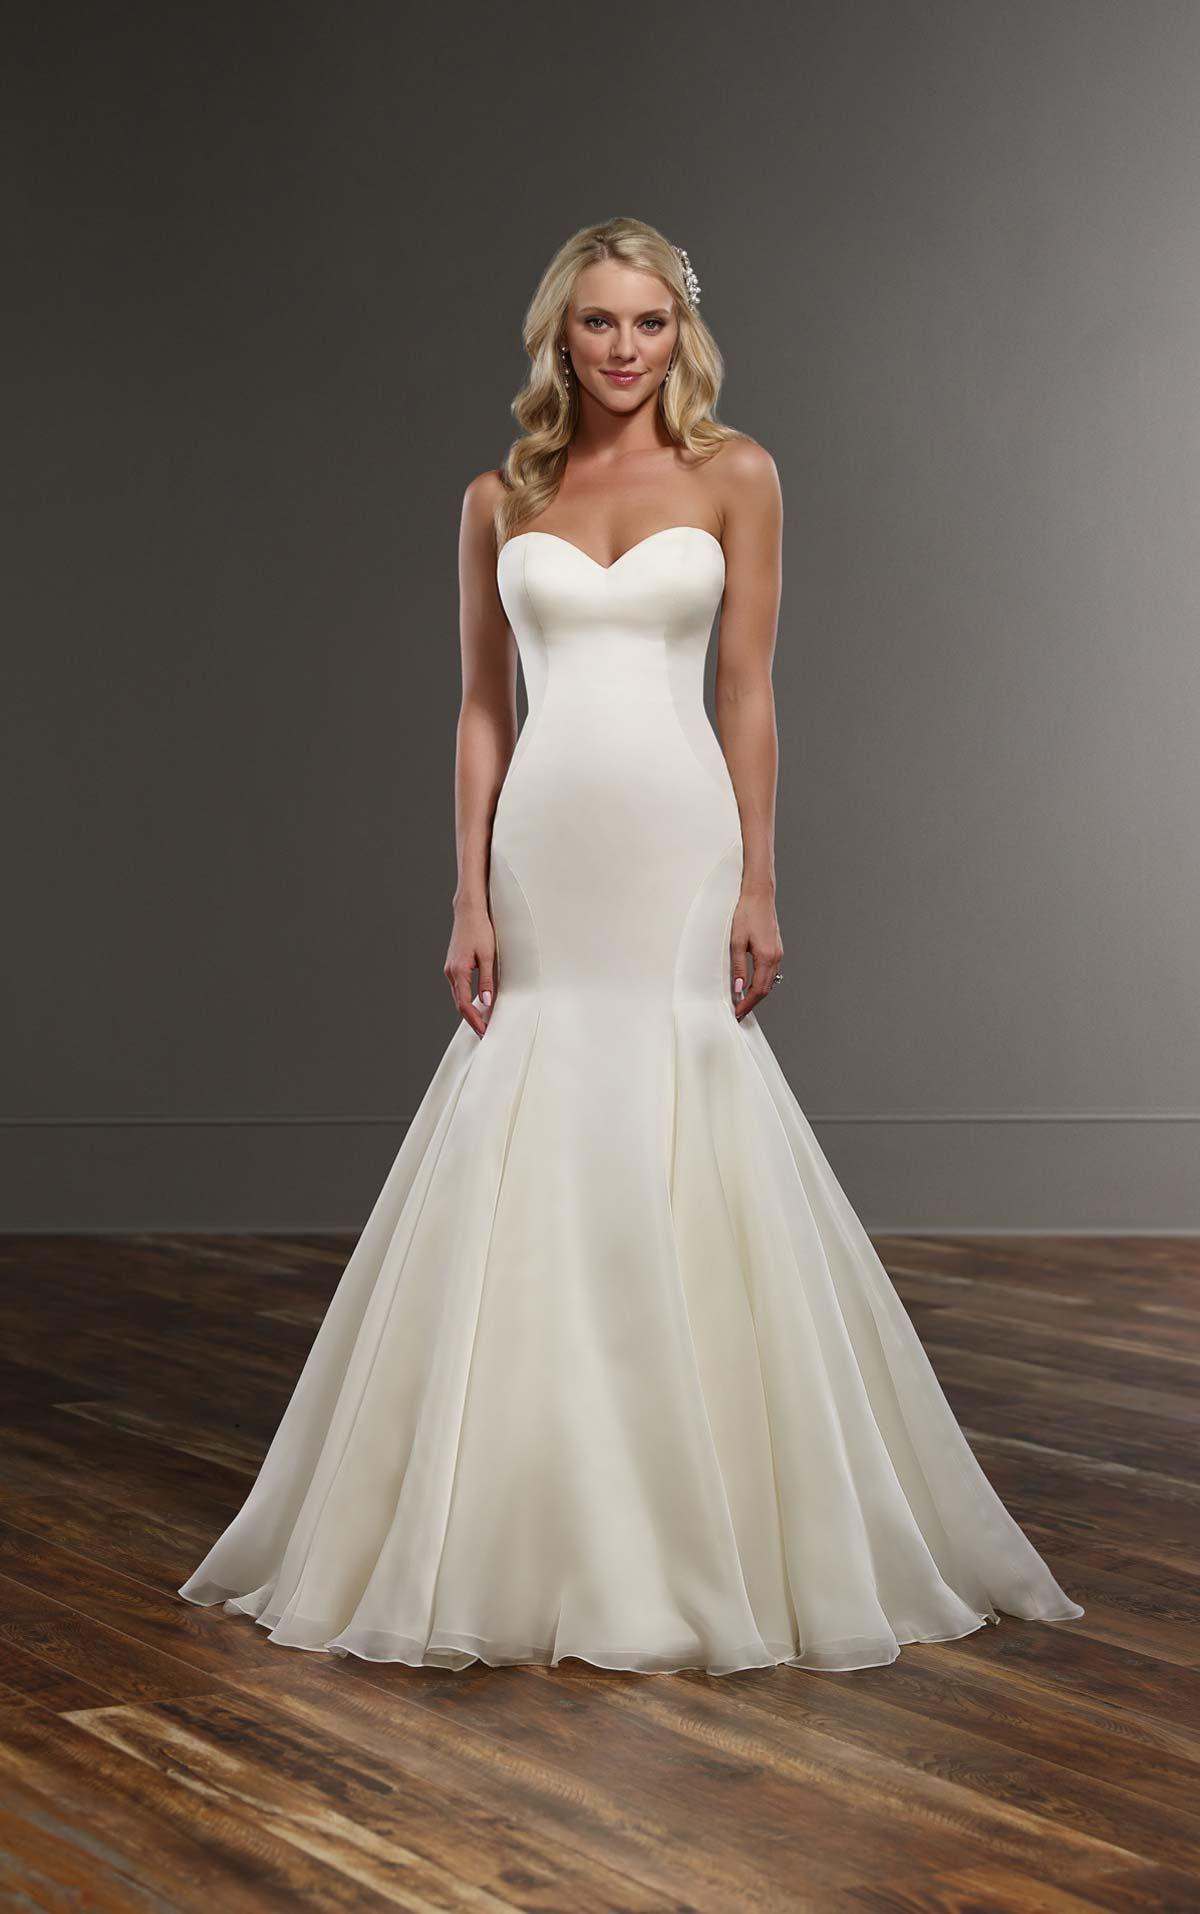 Wedding Dresses | Organza wedding gowns, Silk organza and Chapel train